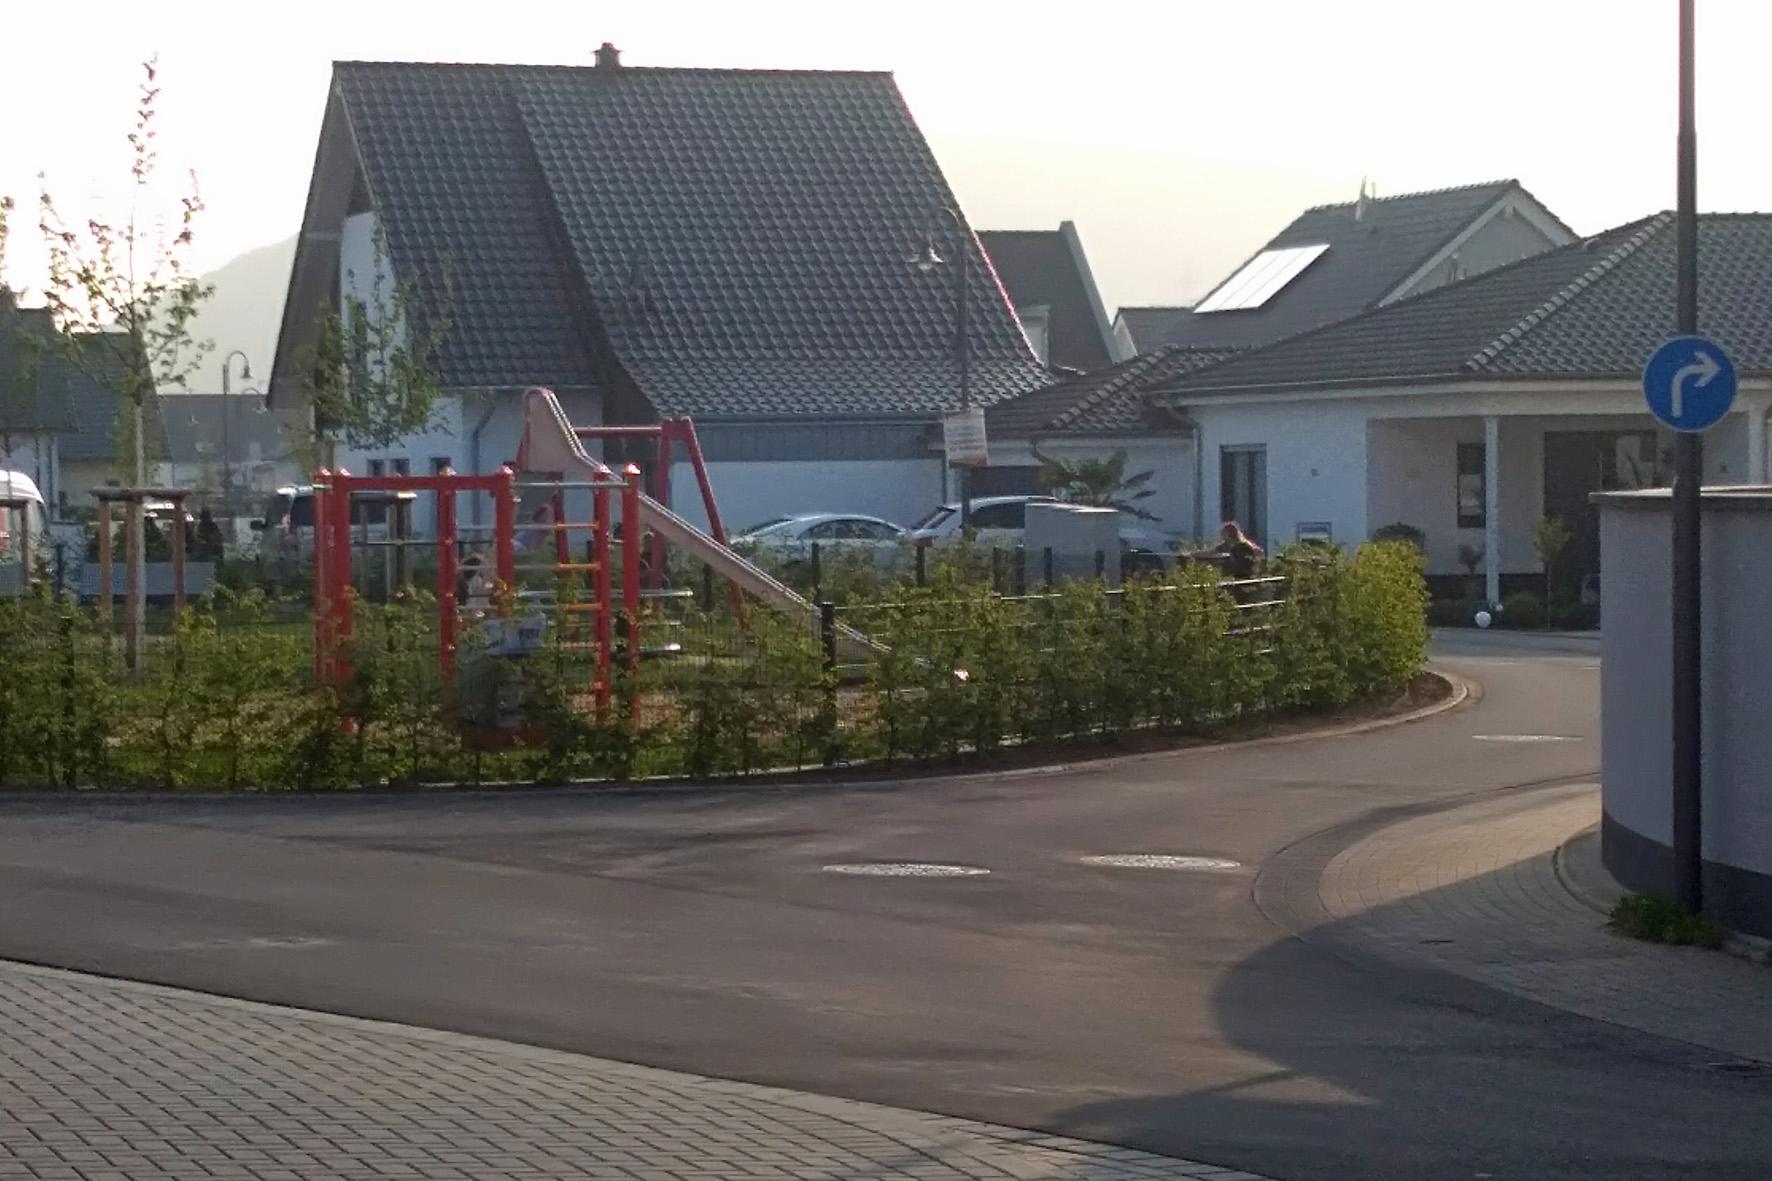 Freie Bürgerliste Remagen, Ortsgruppe Kripp – Der fließende Verkehr als Gefahrenquelle in Kripp